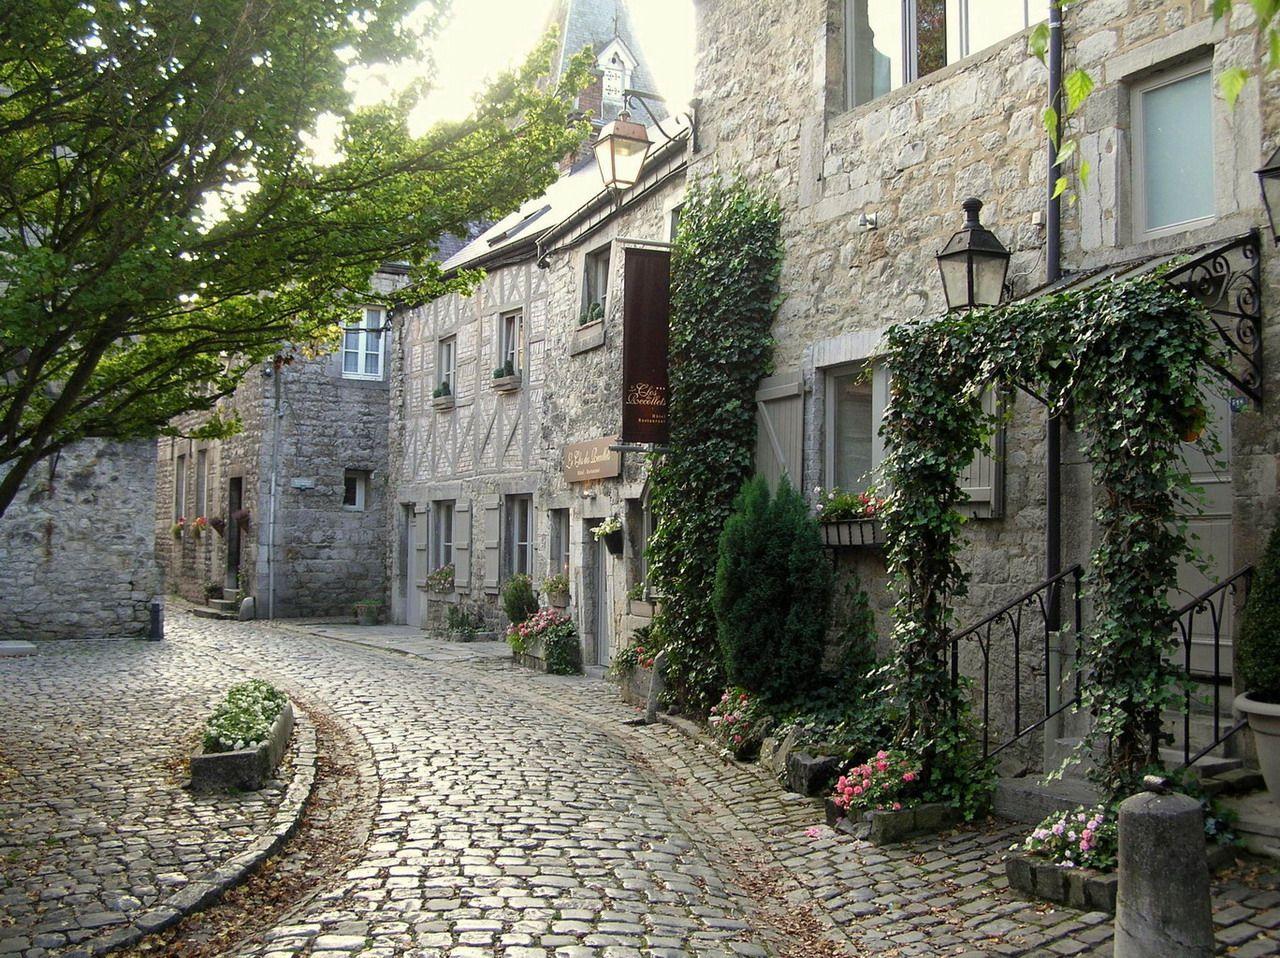 Durbuy la plus petite ville du monde photo ftlb - Office du tourisme bruges belgique adresse ...